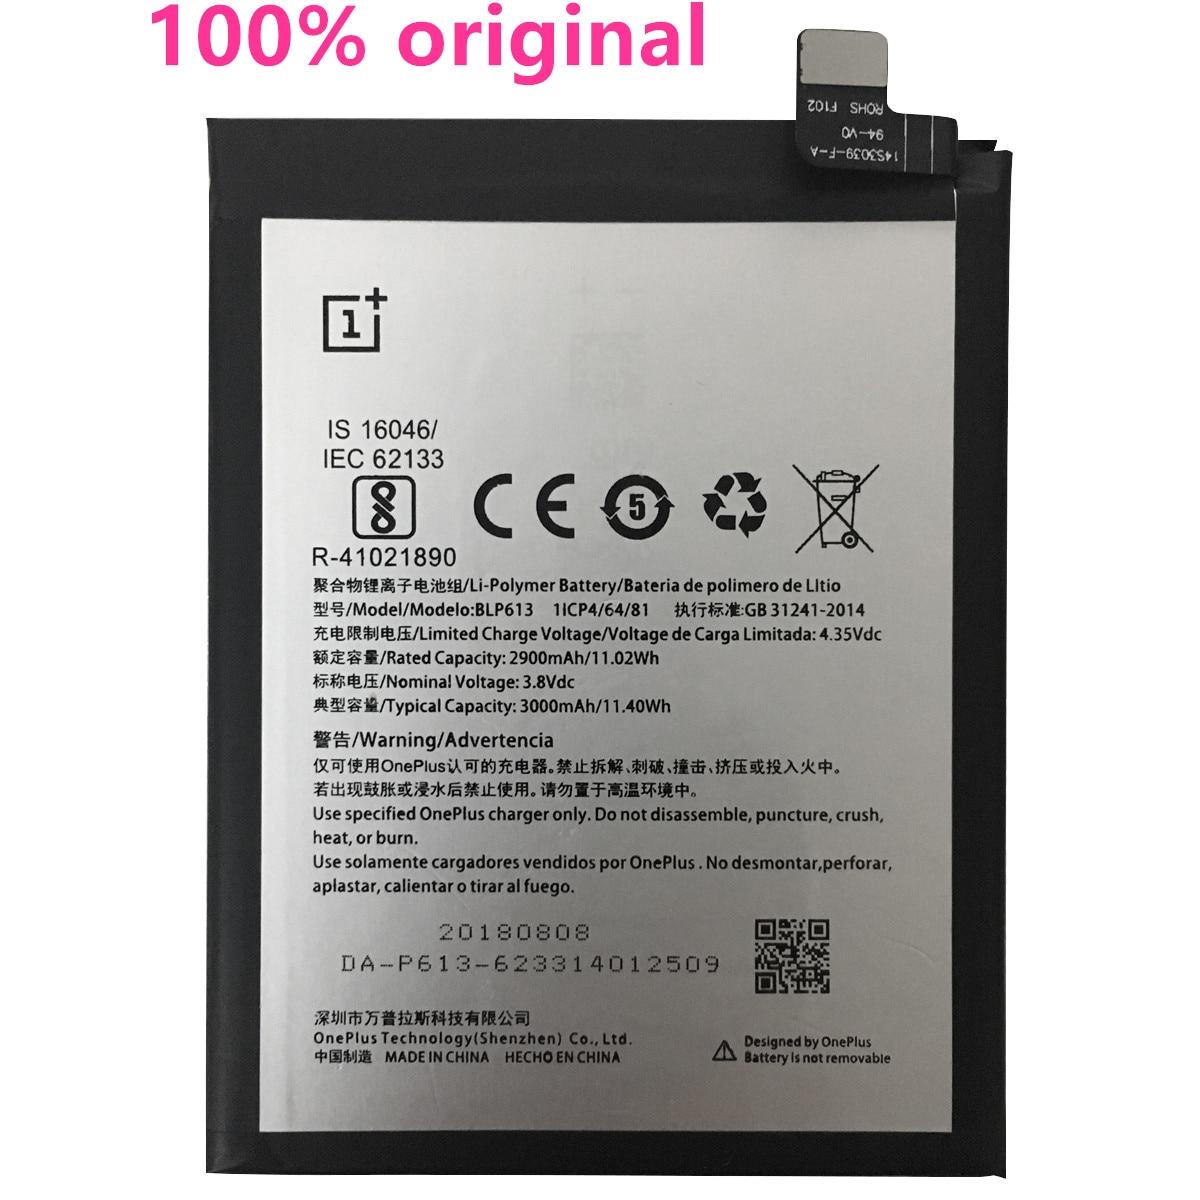 100% original 3000 mah bateria para oneplus 3 um mais 3 blp613 bateria de alta qualidade